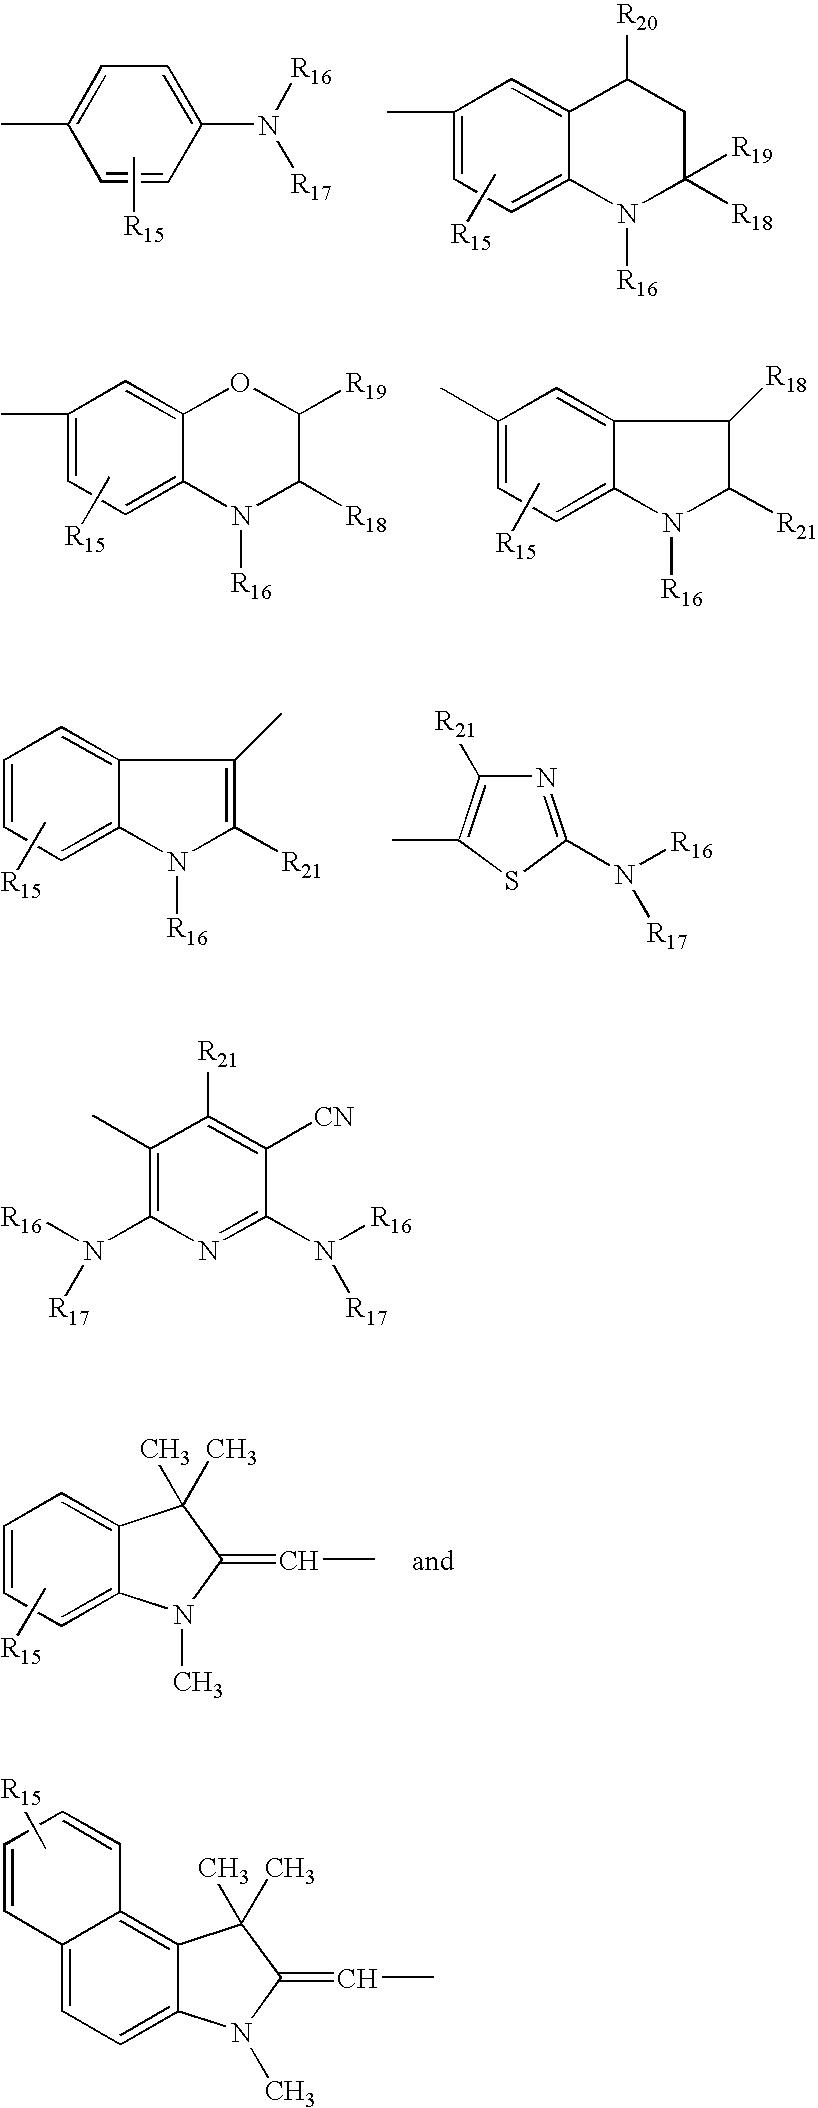 Figure US07138539-20061121-C00021